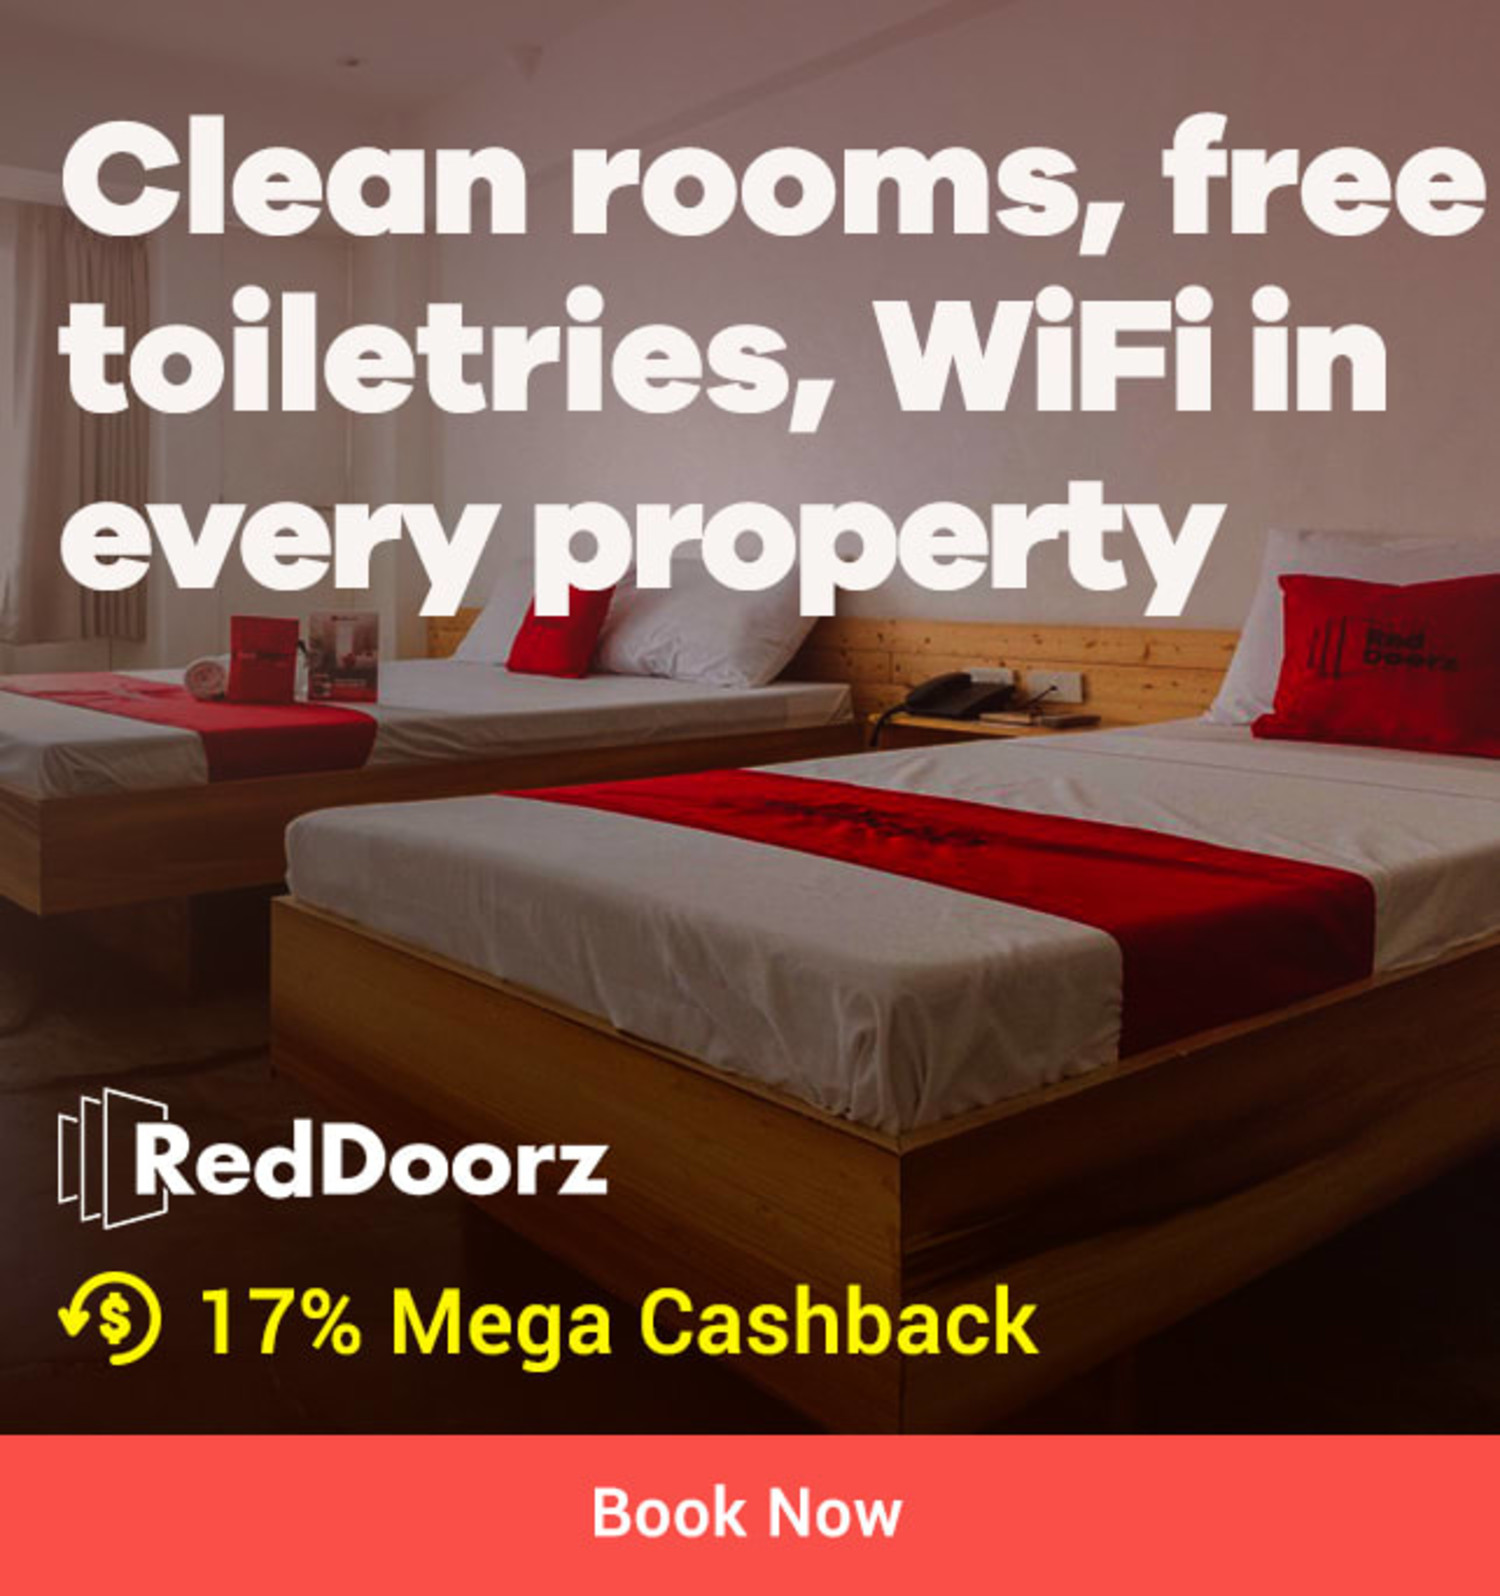 21 ~ 31 Jul RedDoorz Clean rooms, free toiletries, wifi in every property + 15% Mega Cashback (was 9%)